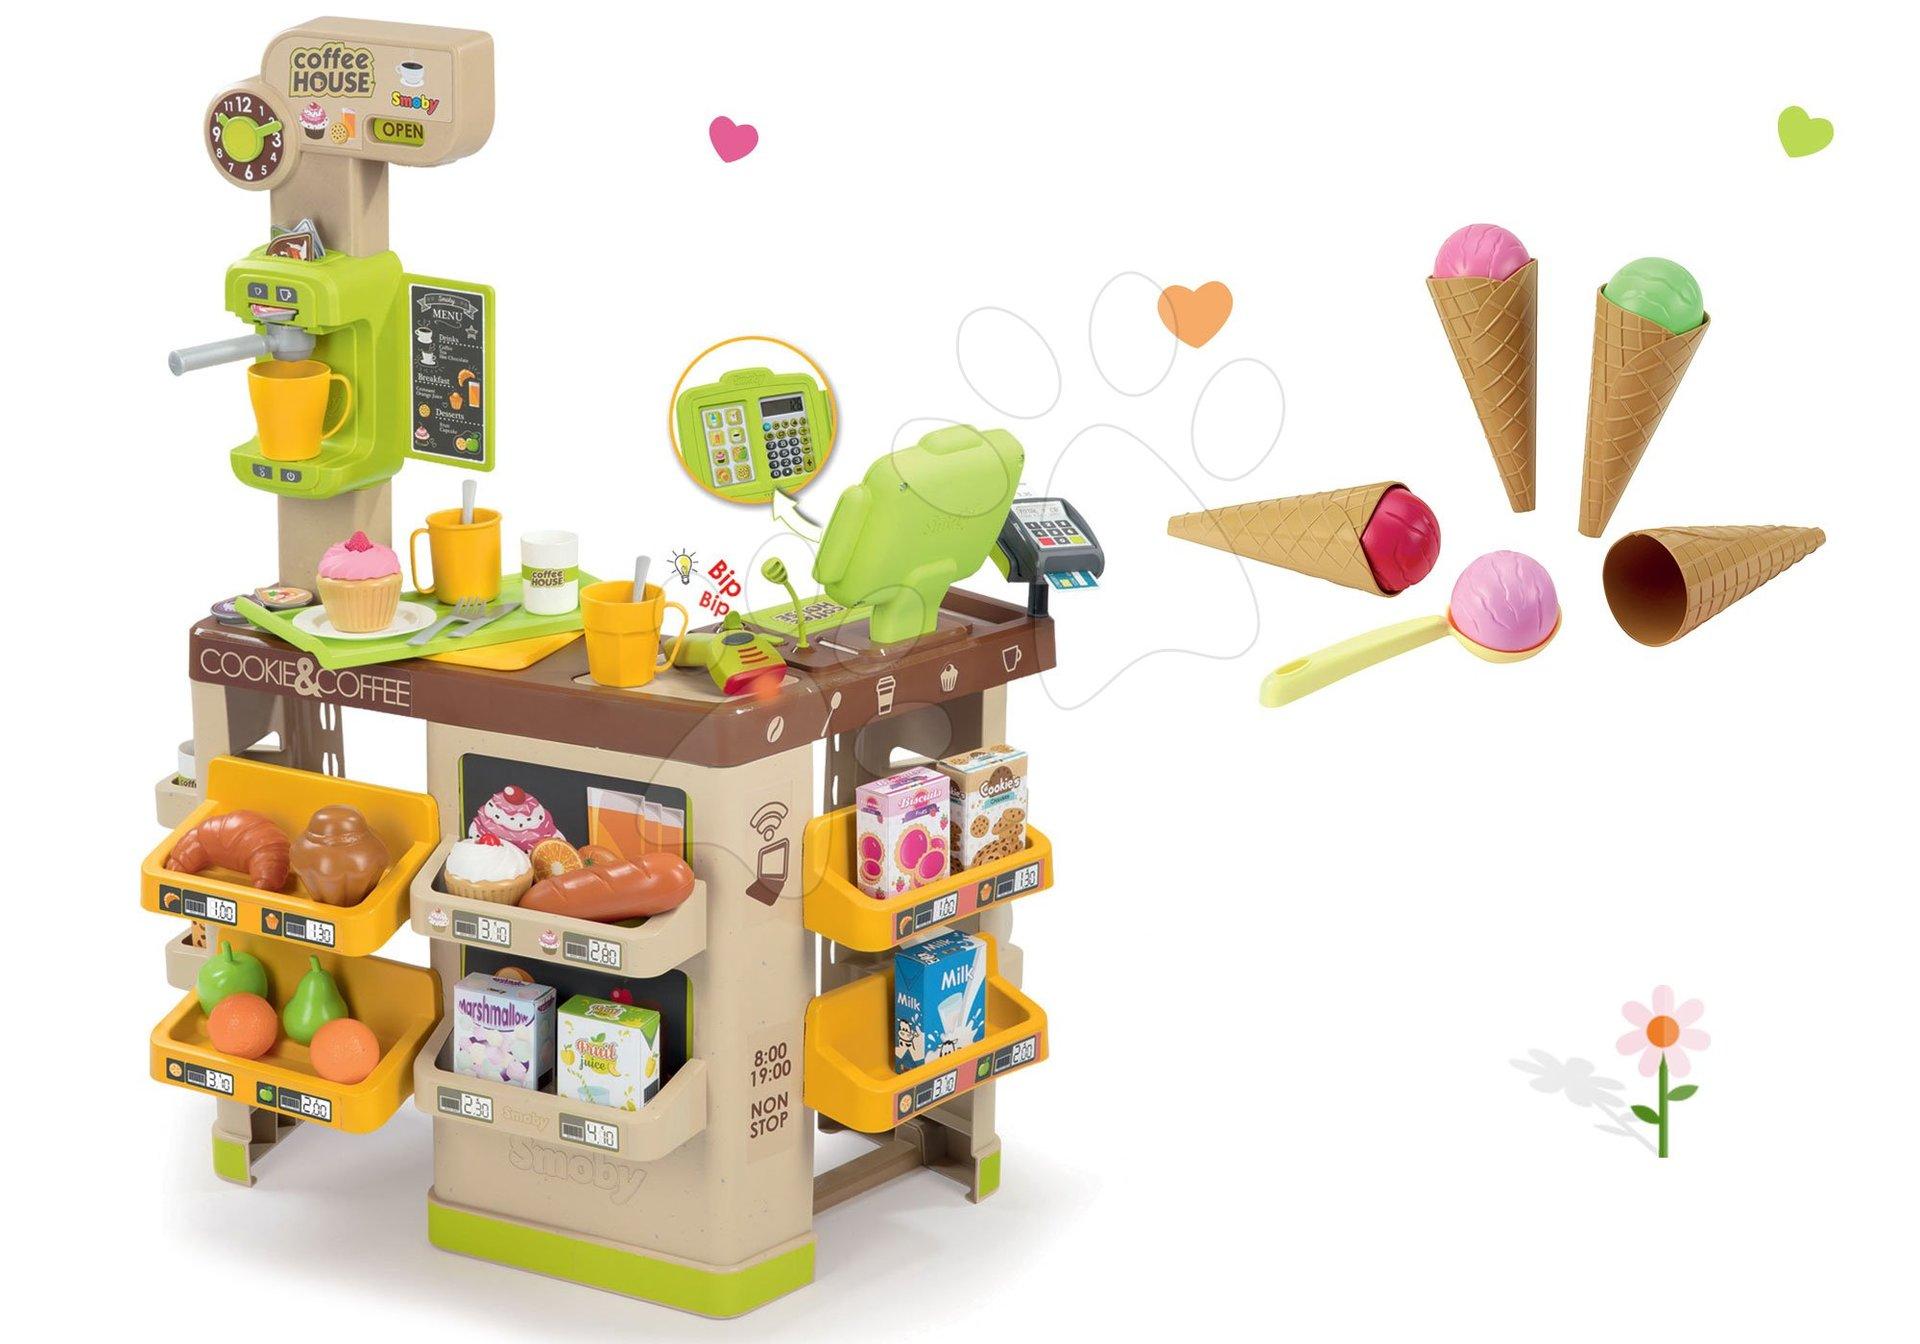 Obchody pro děti sety - Set kavárna s Espresso kávovarem Coffee House Smoby a zmrzlina s kornoutkem jako dárek